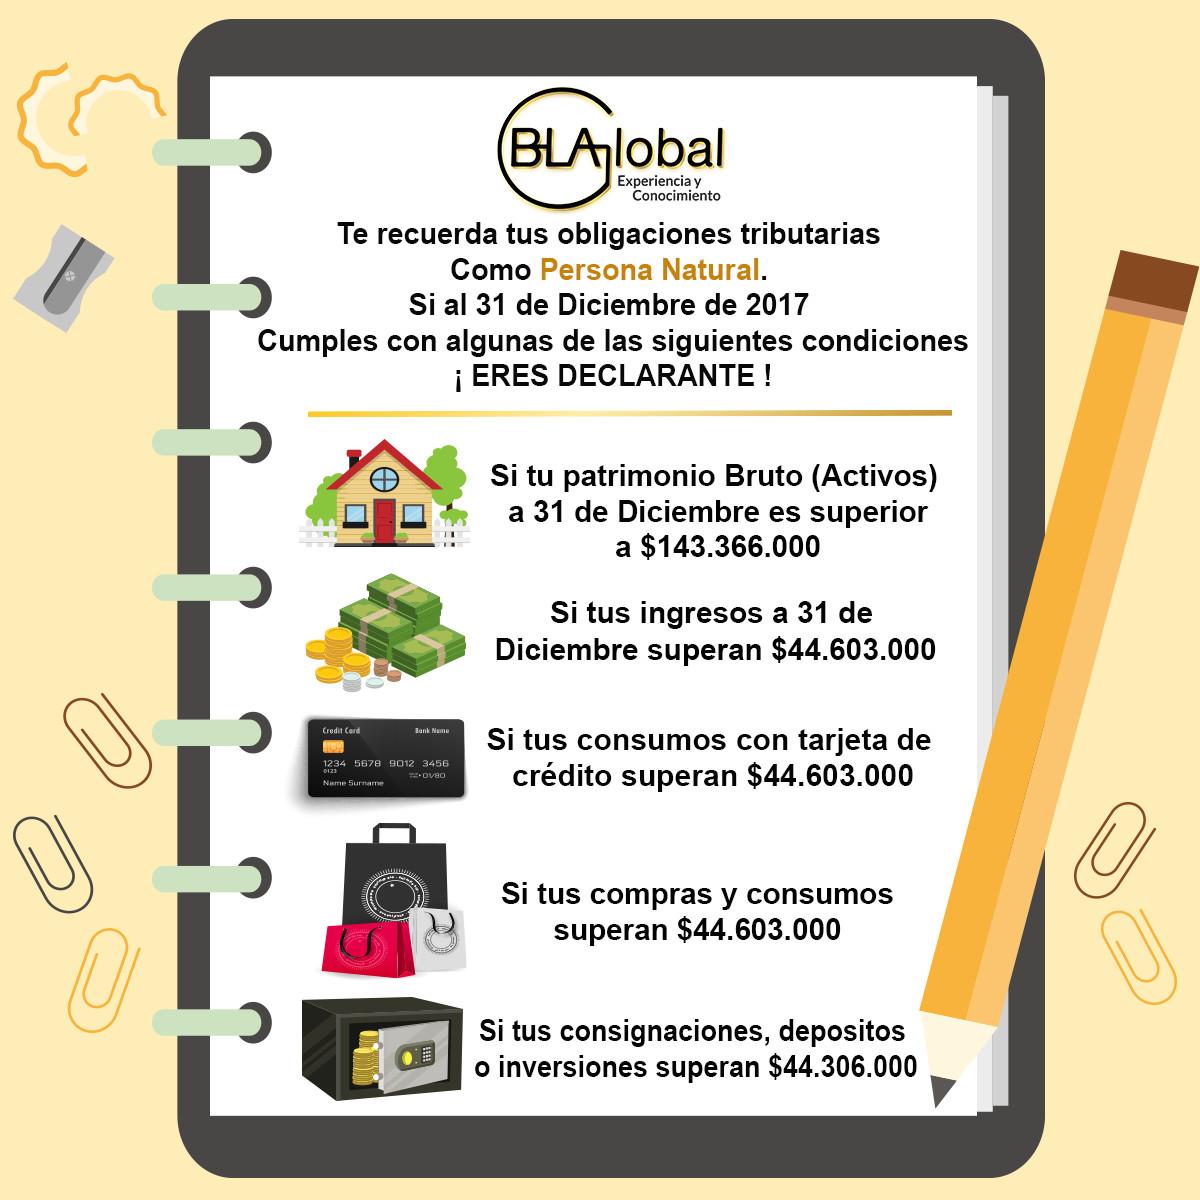 Plantilla consulta declarantes renta 2017 | BlaColombia